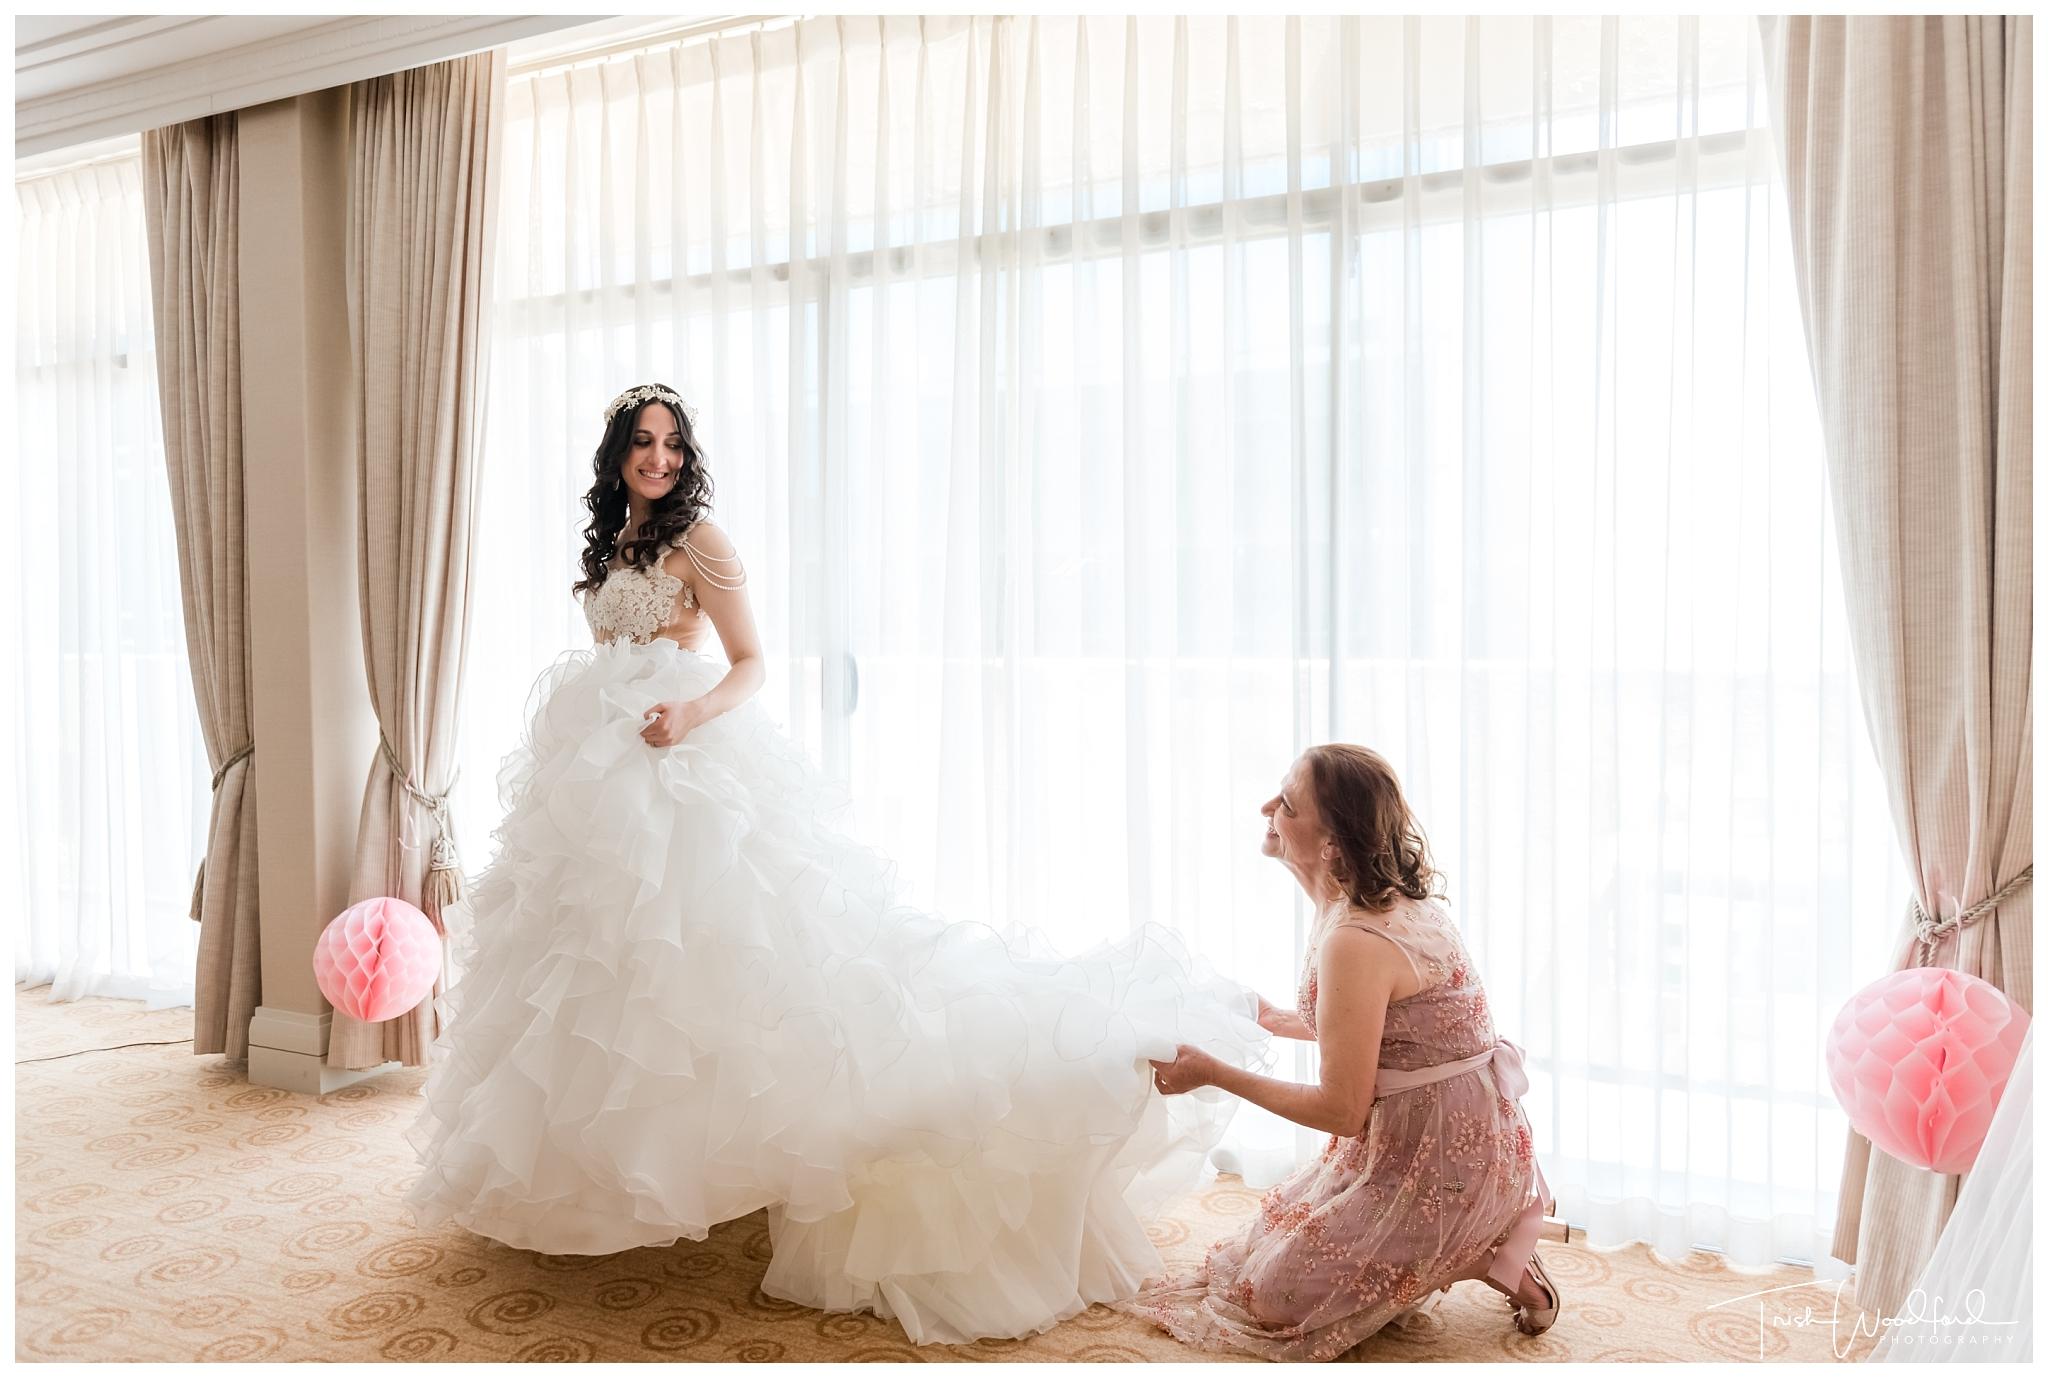 Perth Bride Getting Ready